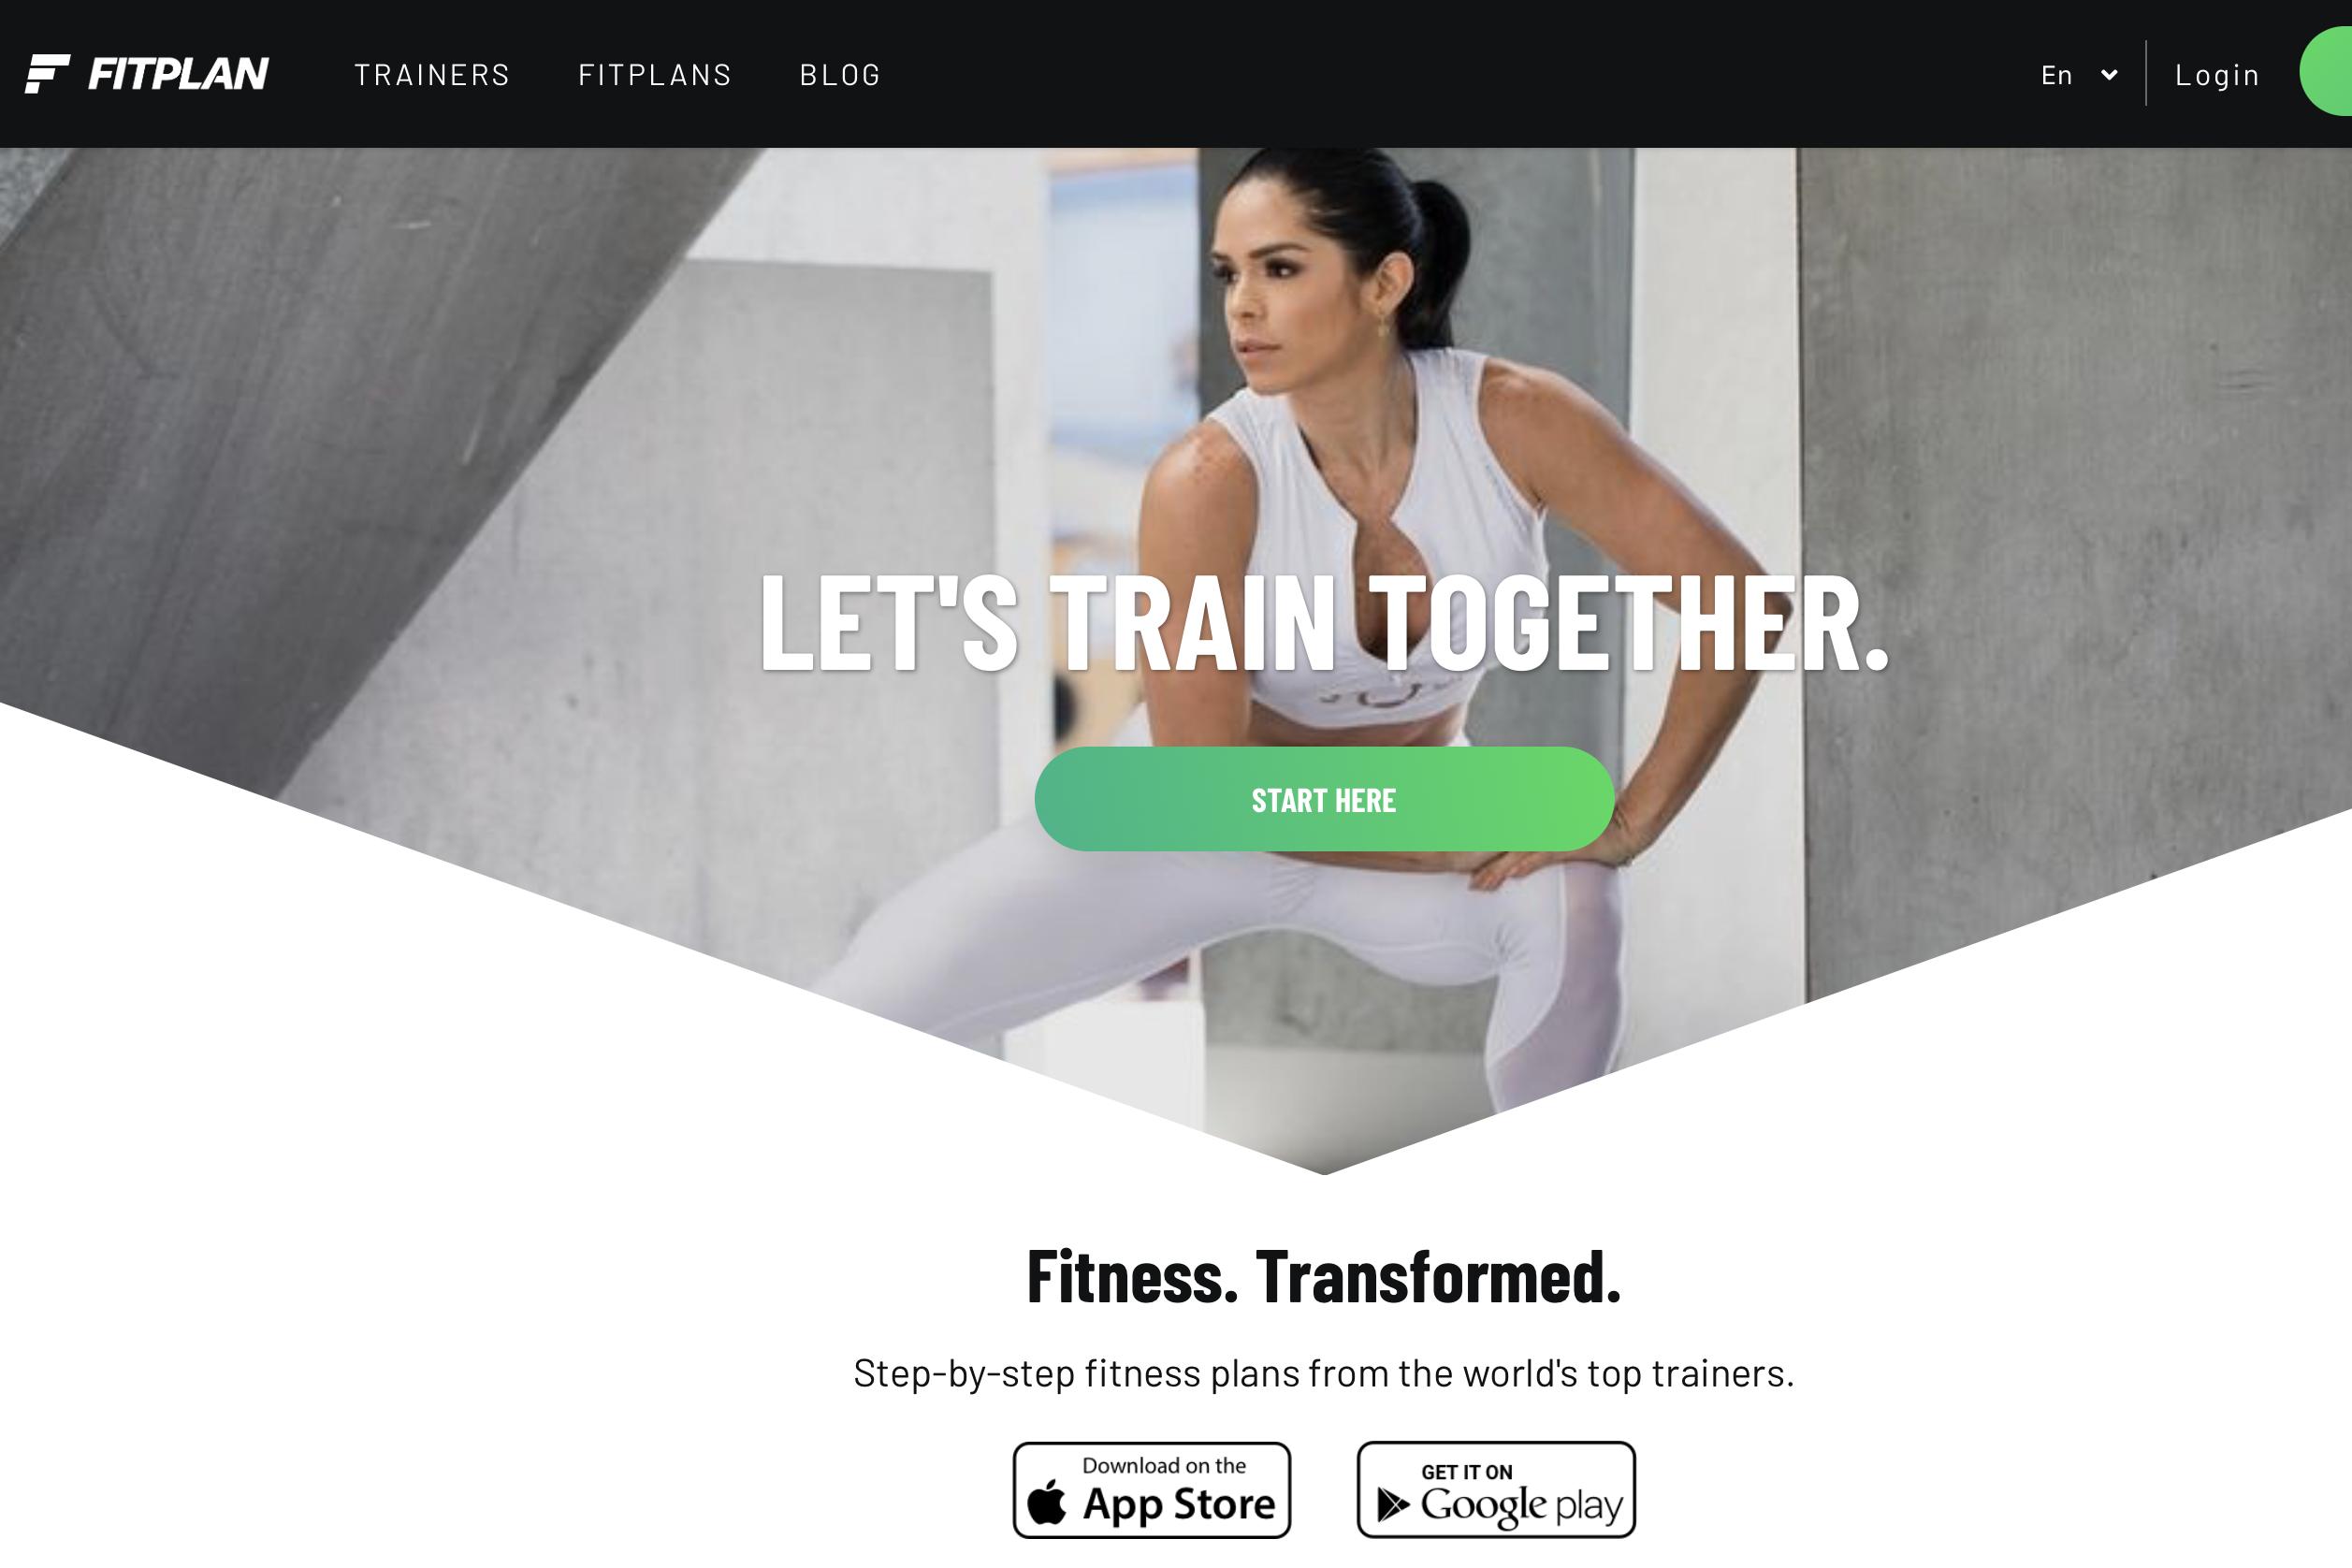 服务全球140万健身用户,Fitplan 完成新一轮450万美元融资